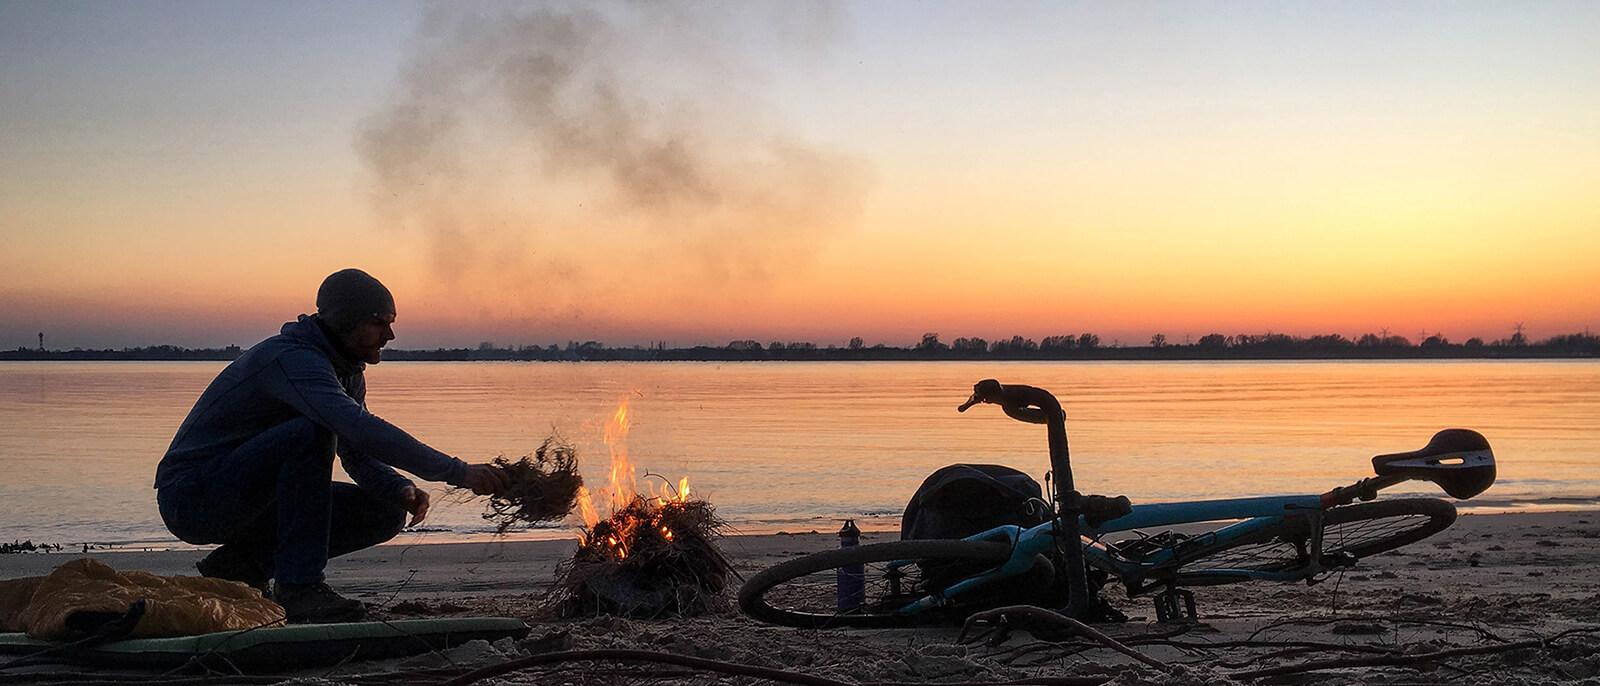 christo foerster mit lagerfeuer am wasser mit fahrrad und schlafsack